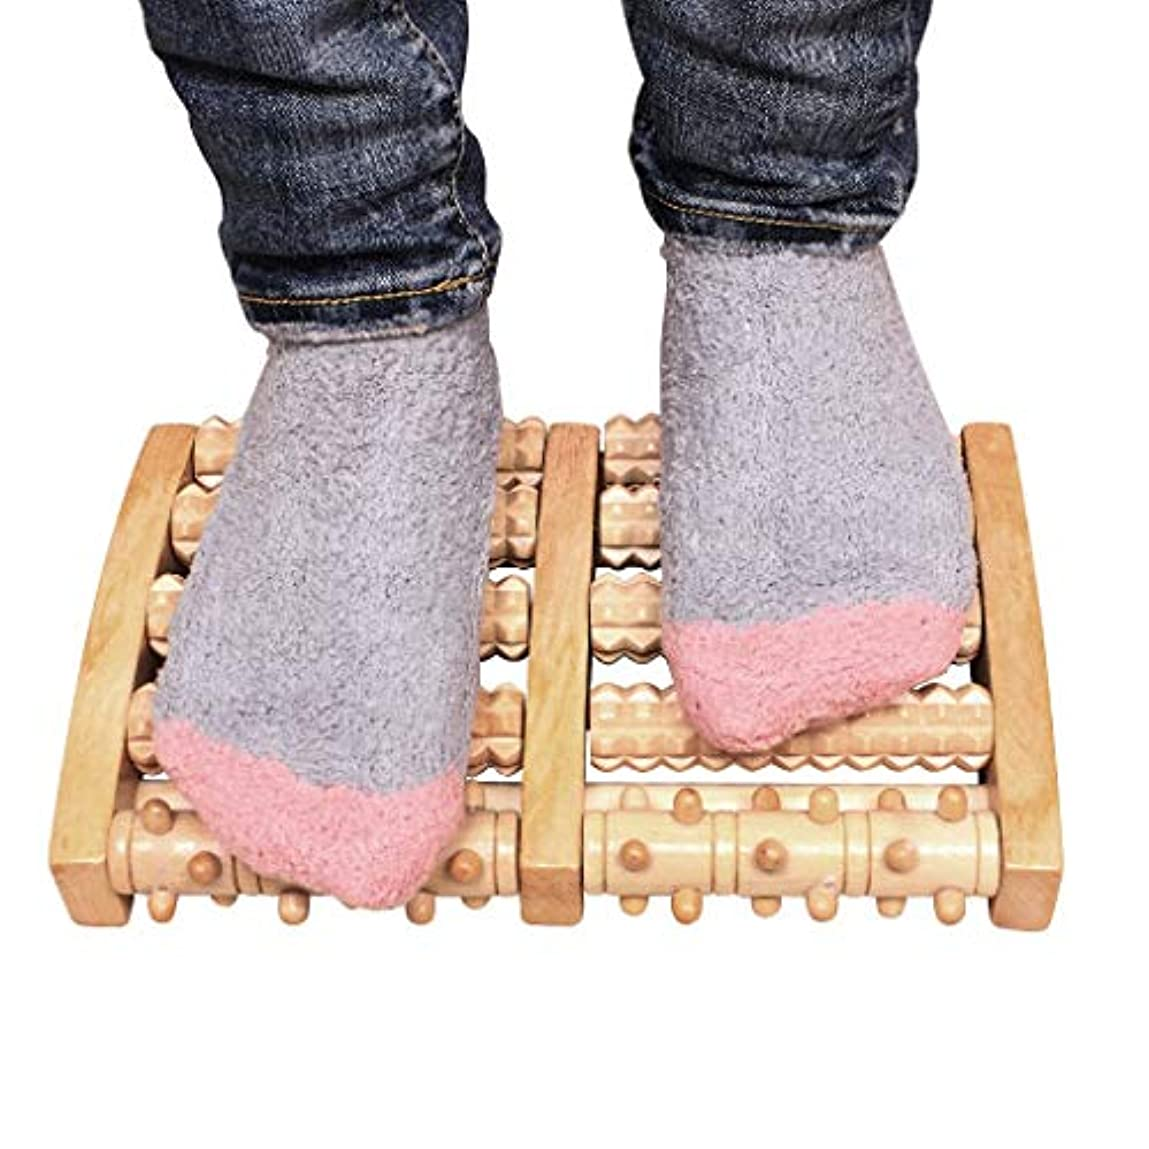 ベアリング枝バック木の二重足のマッサージャー、足底筋膜炎のためのローラーの痛みの軽減治癒拍車ディープティッシュ指圧フット&ヒールマッサージャー